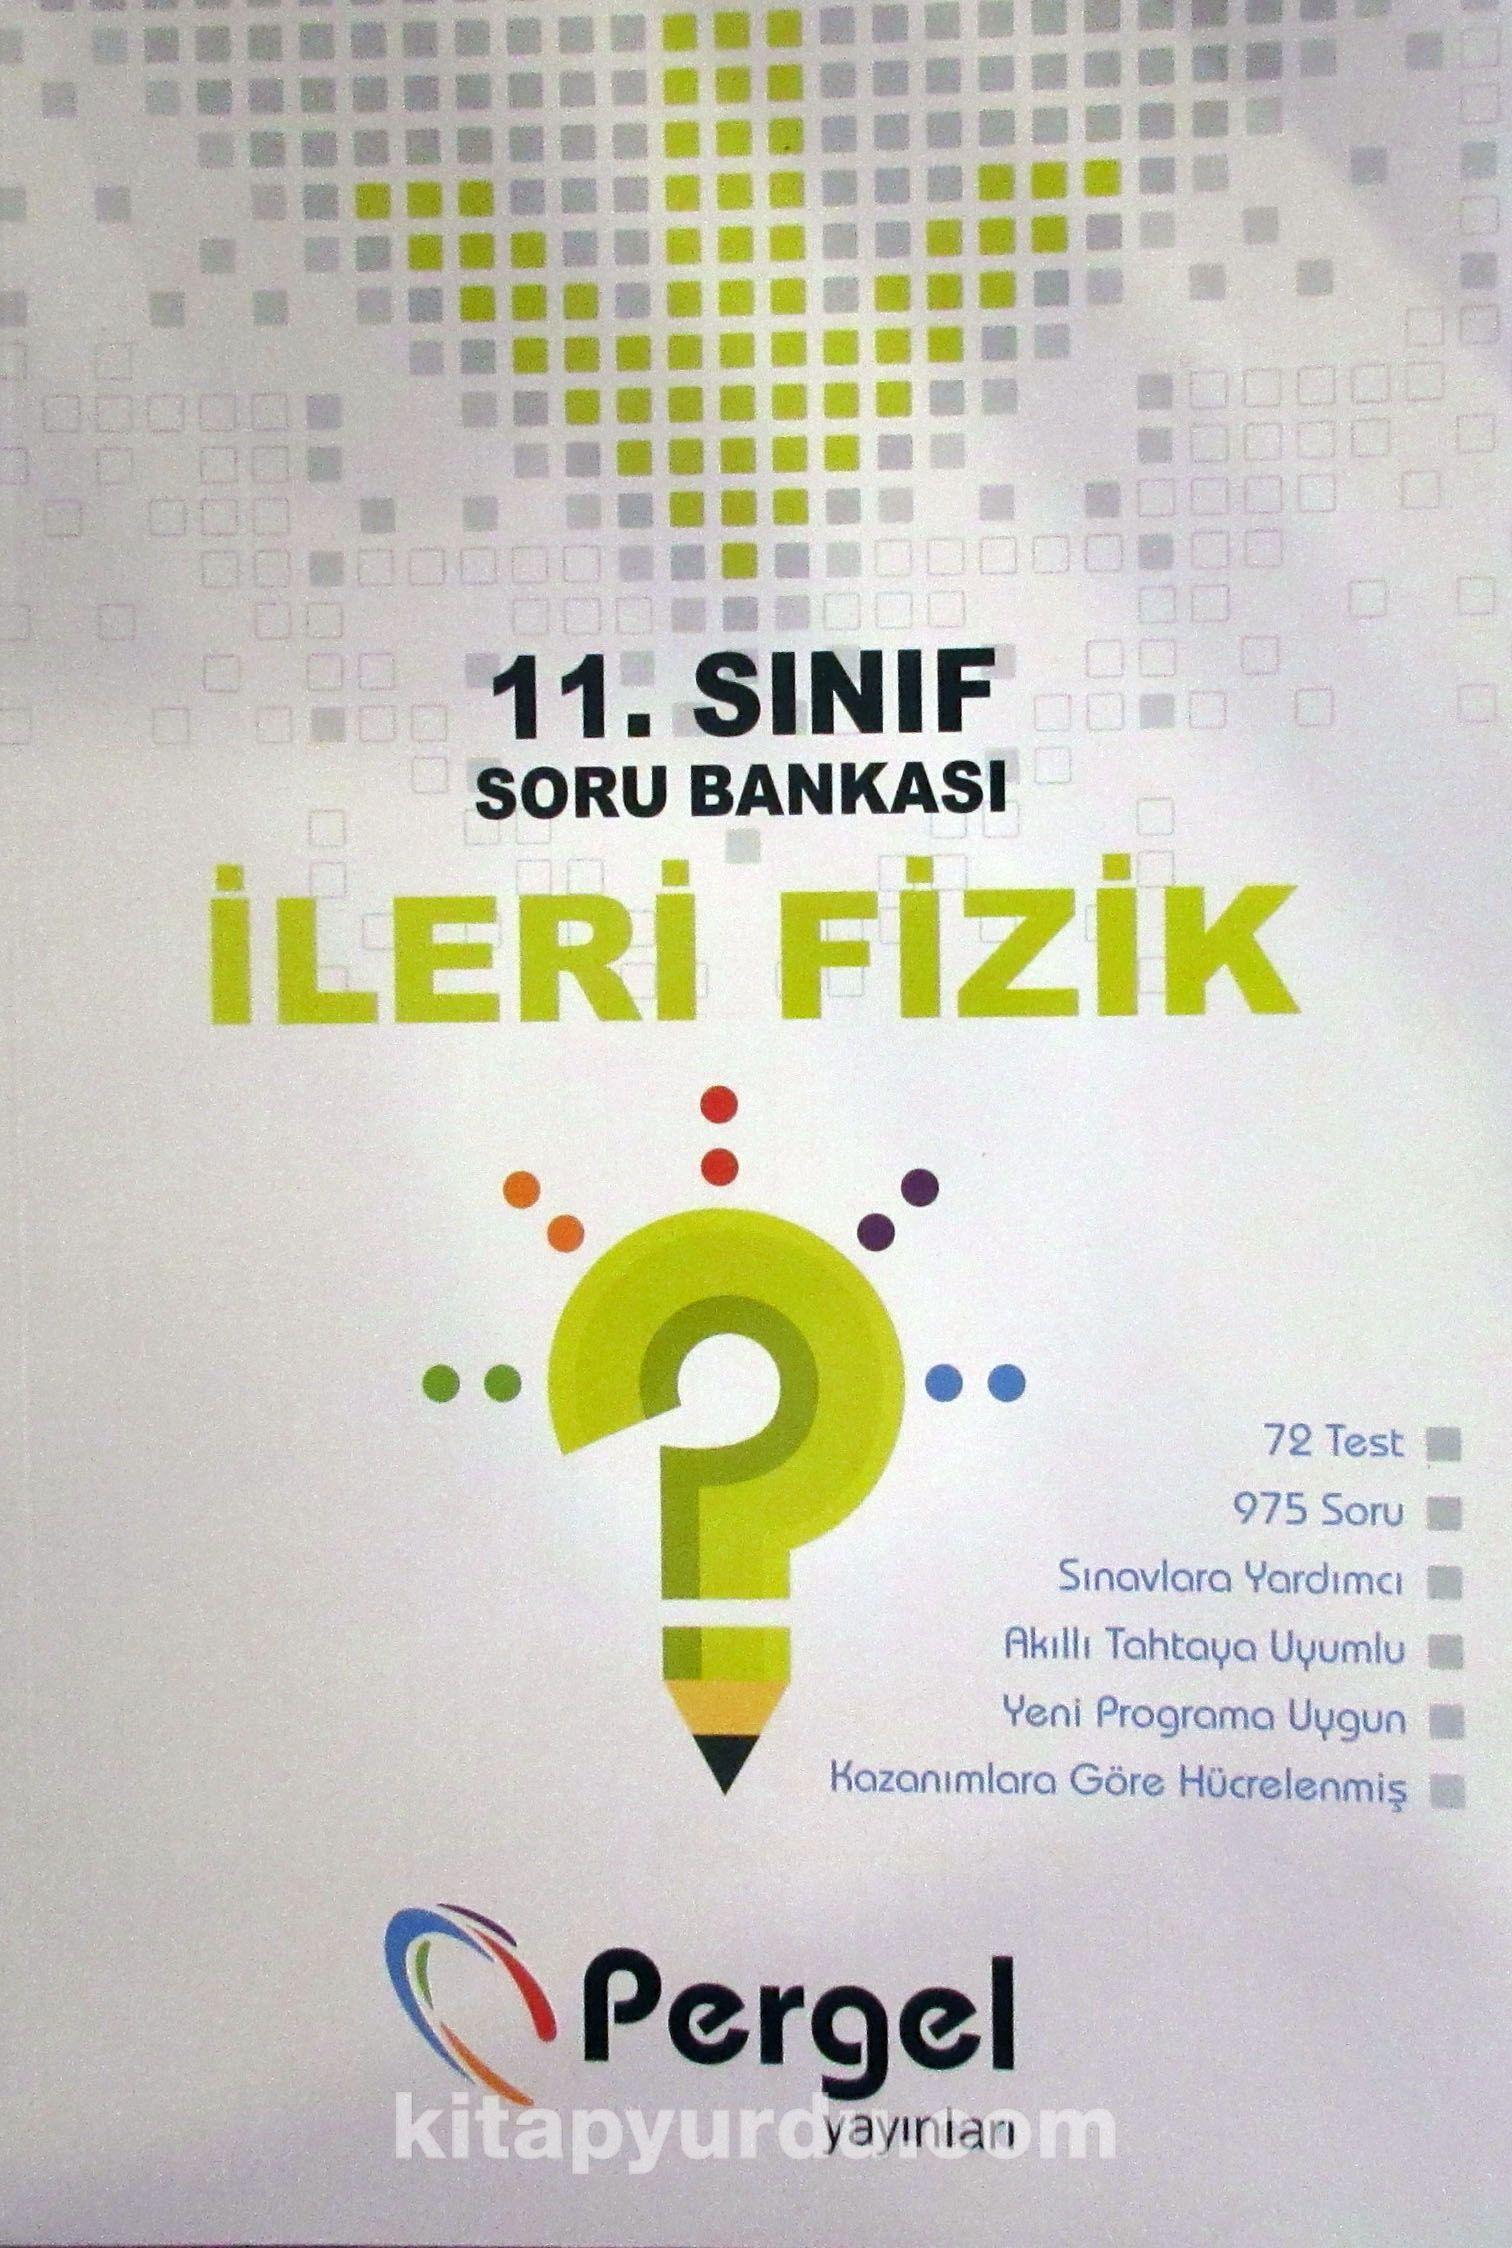 11. Sınıf İleri Fizik Soru Bankası